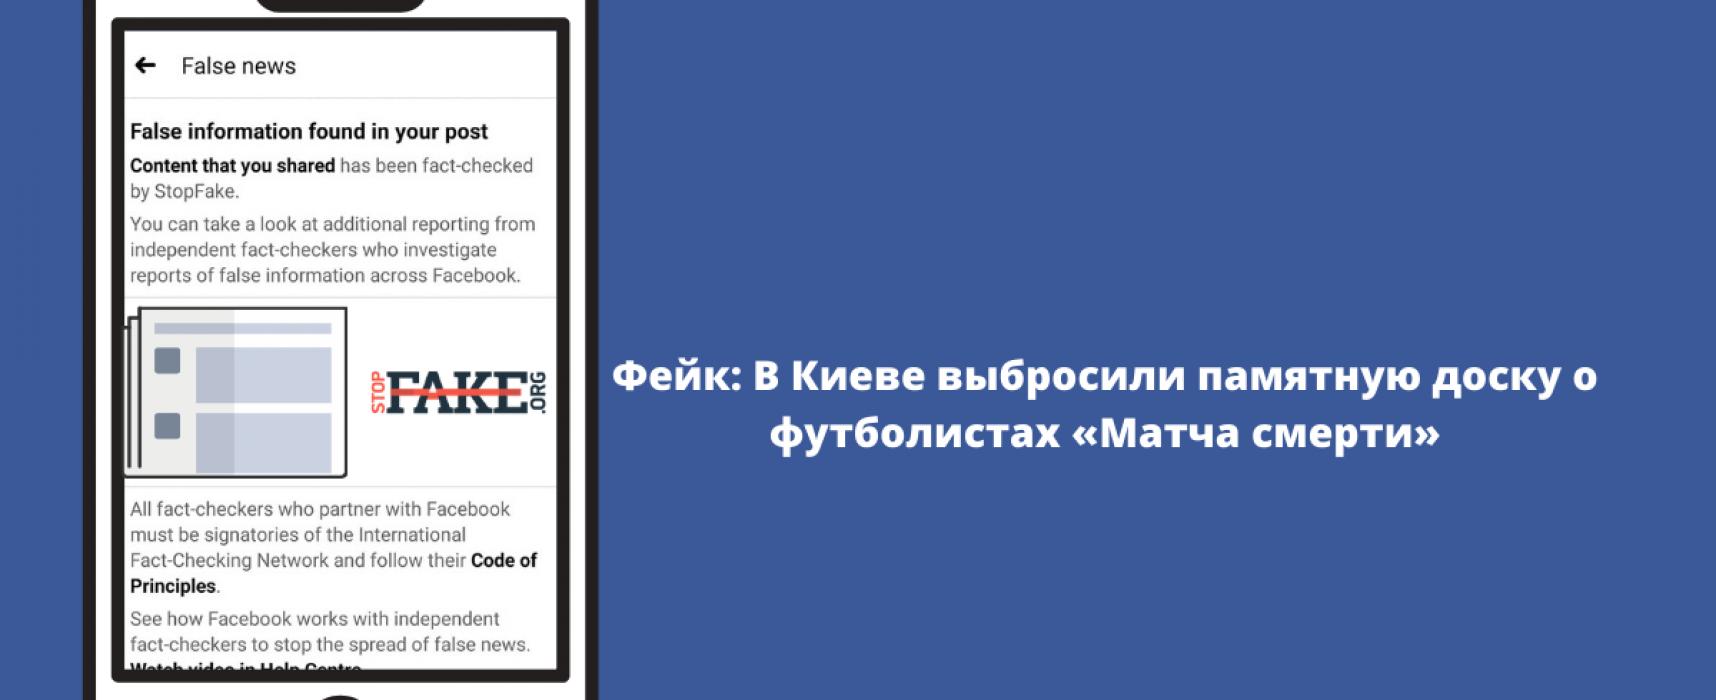 Фейк: У Києві викинули пам'ятну дошку про футболістів «Матчу смерті»